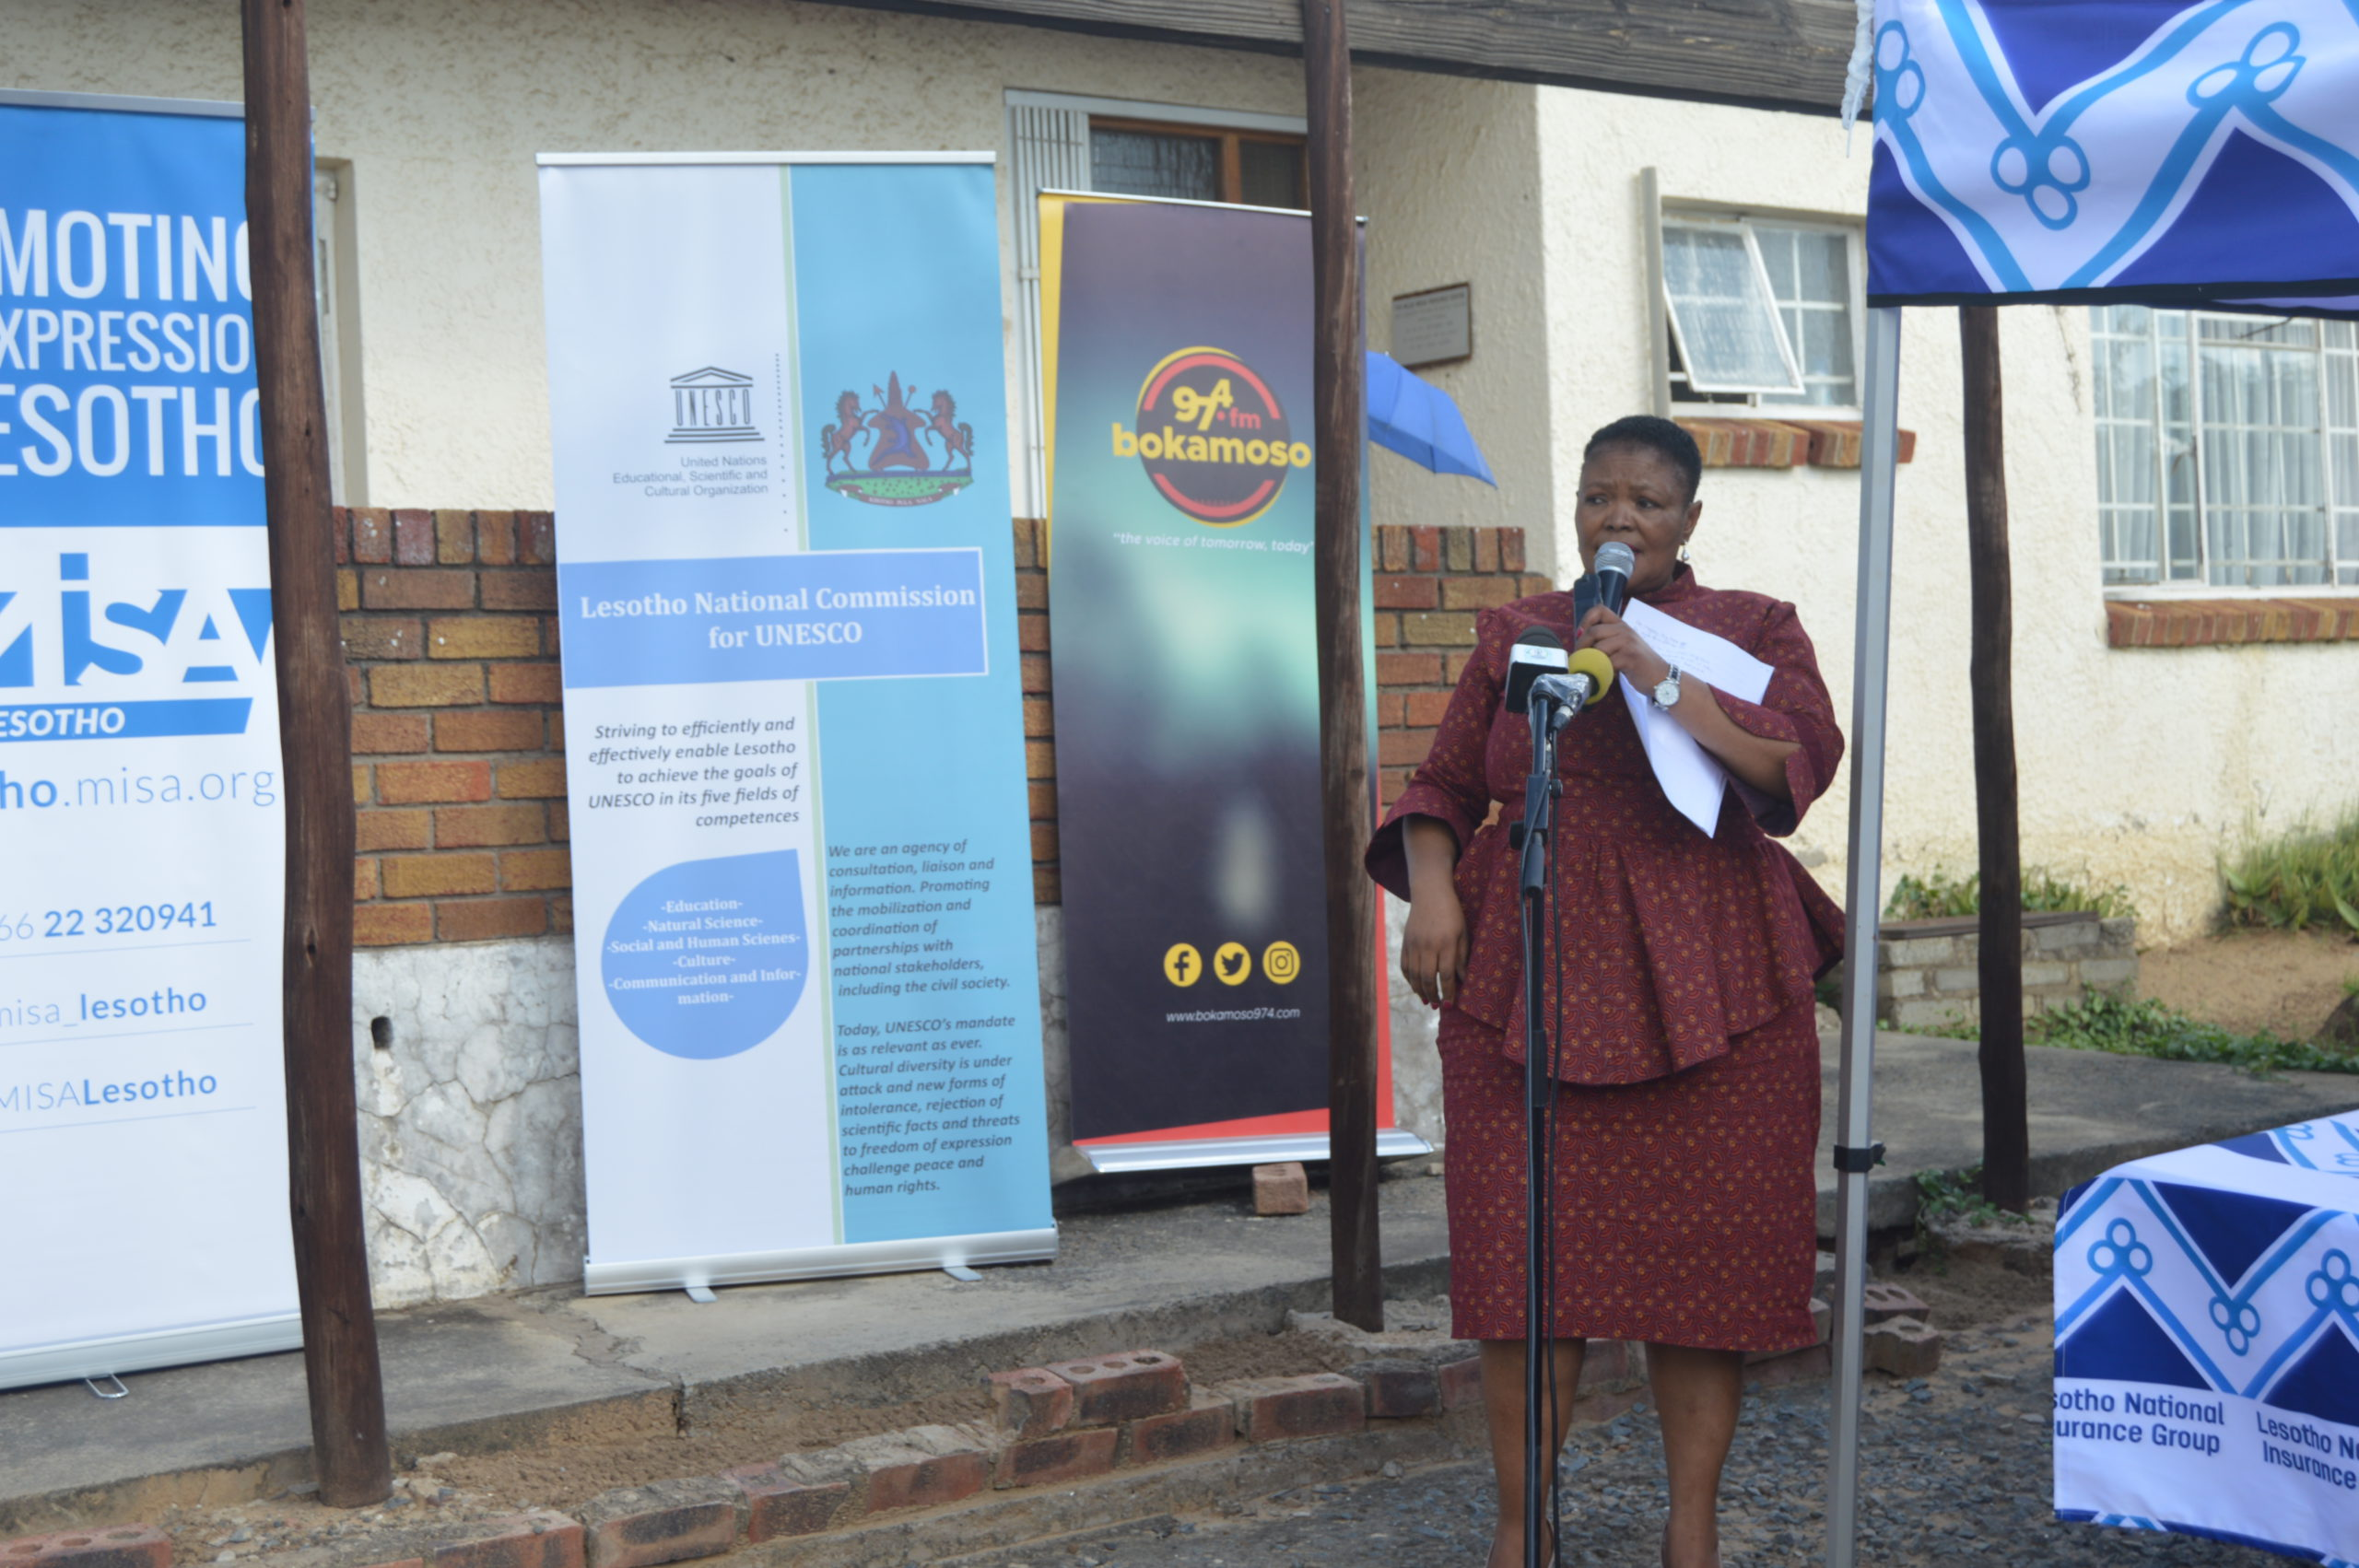 World Radio Day Lesotho: Minister bemoans lack of professionalism